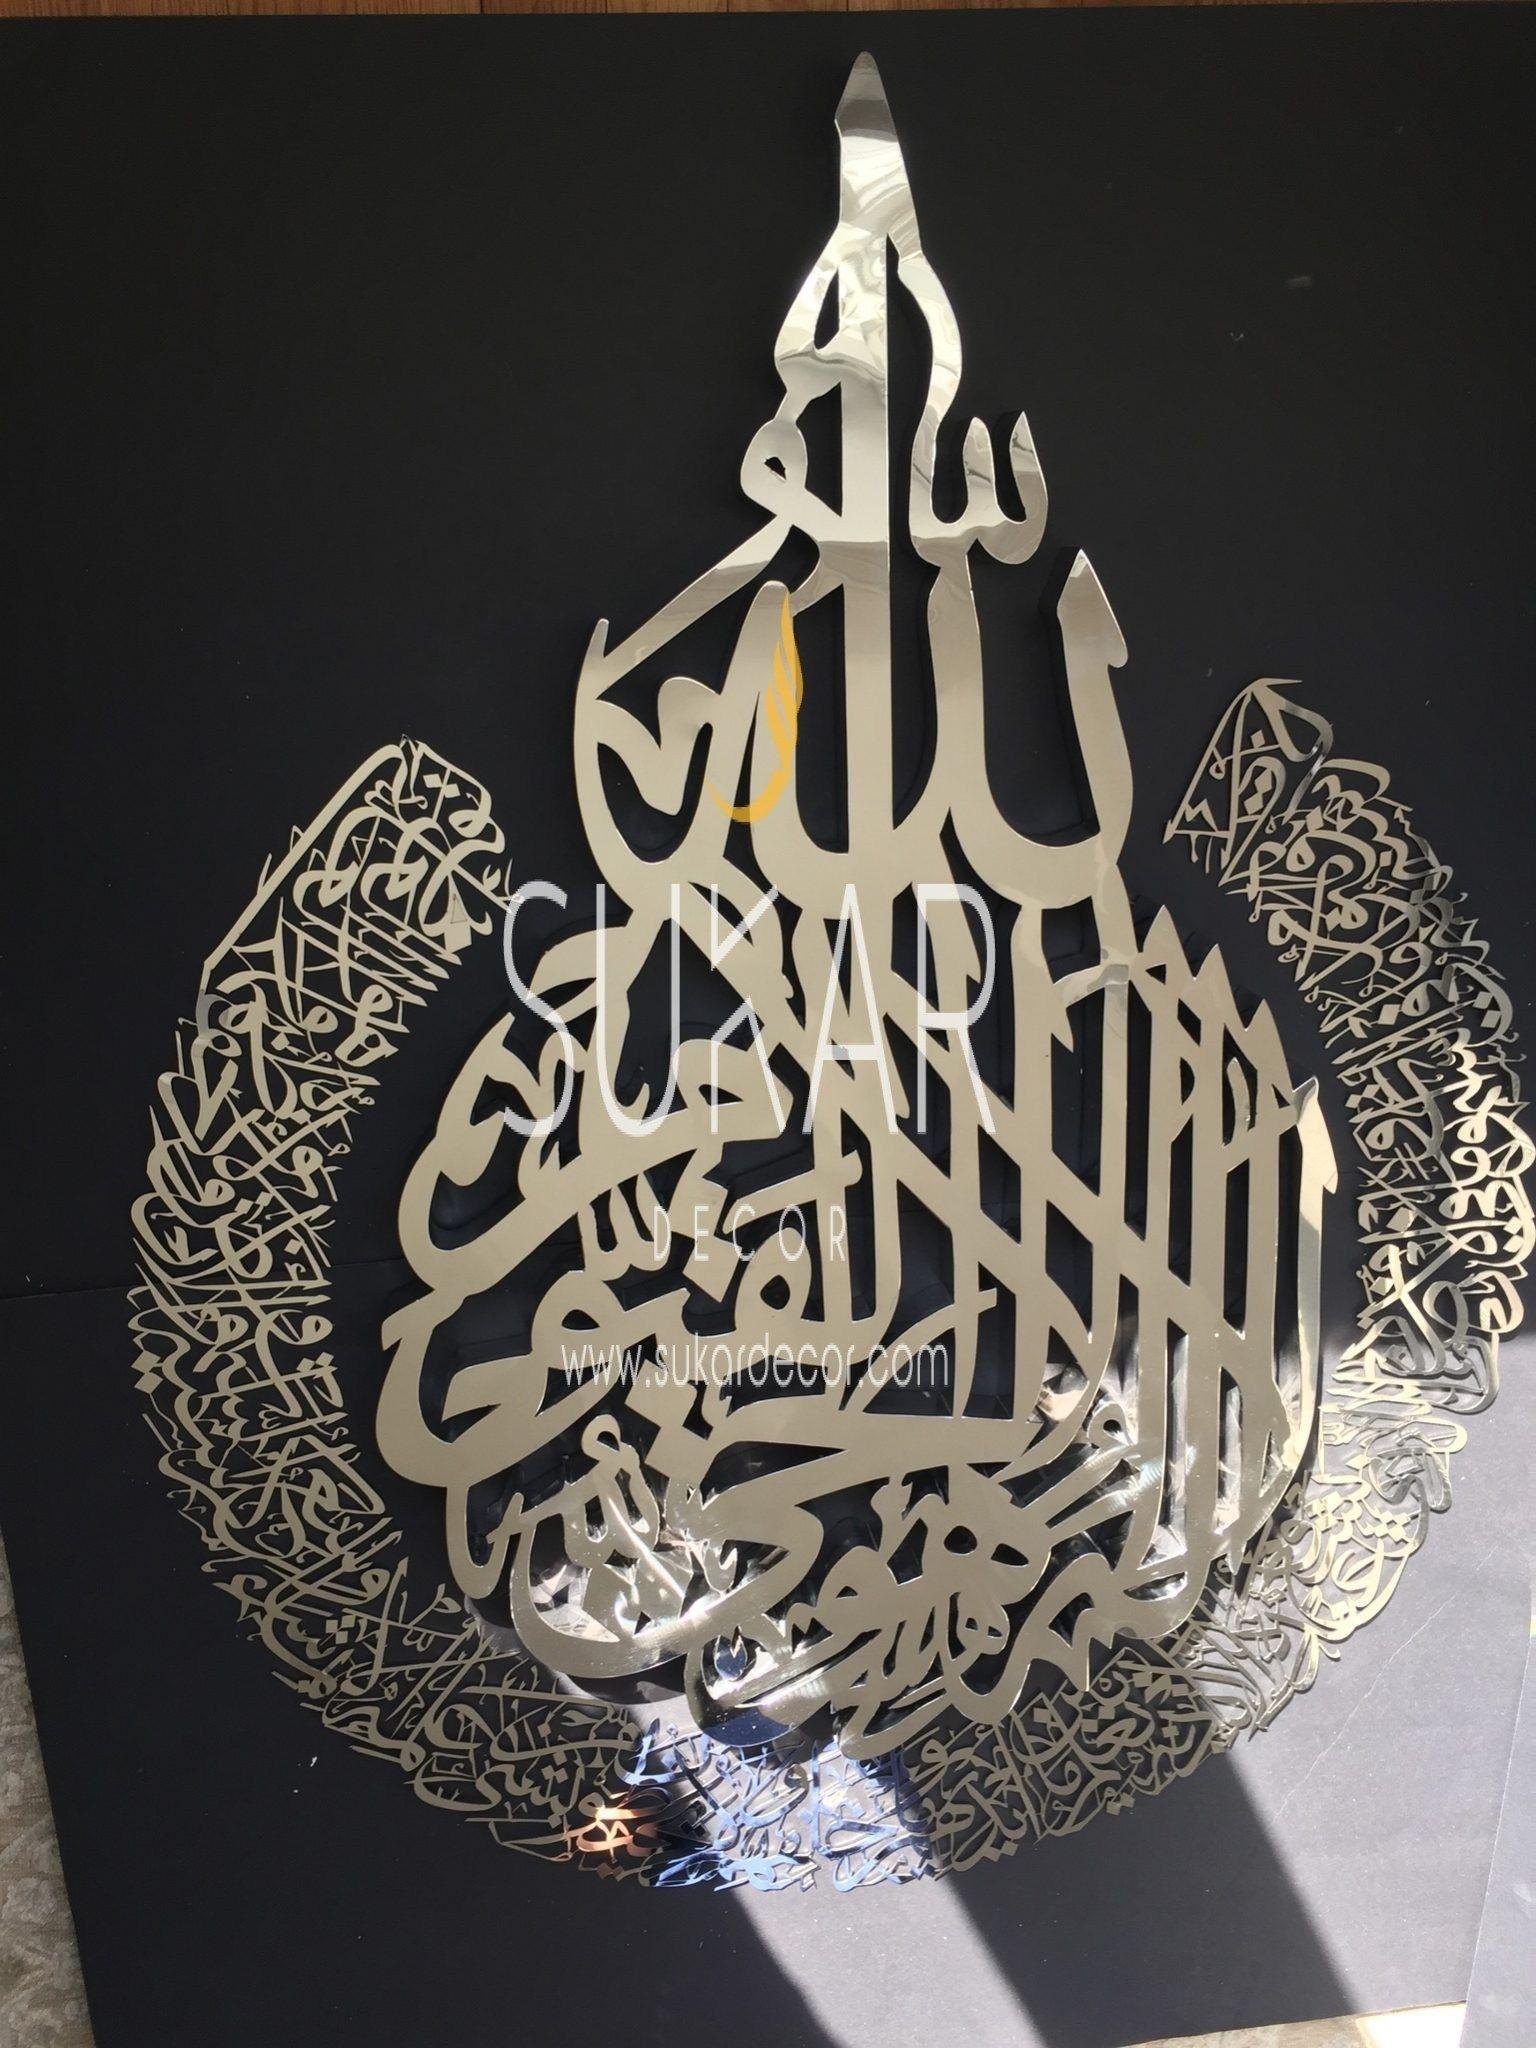 Ayatul Kursi Stainless Steel Modern Islamic Wall Art Arabic Calligraphy Sukar Decor Islamic Decor Islamic Wall Art Islamic Decor Ayatul Kursi